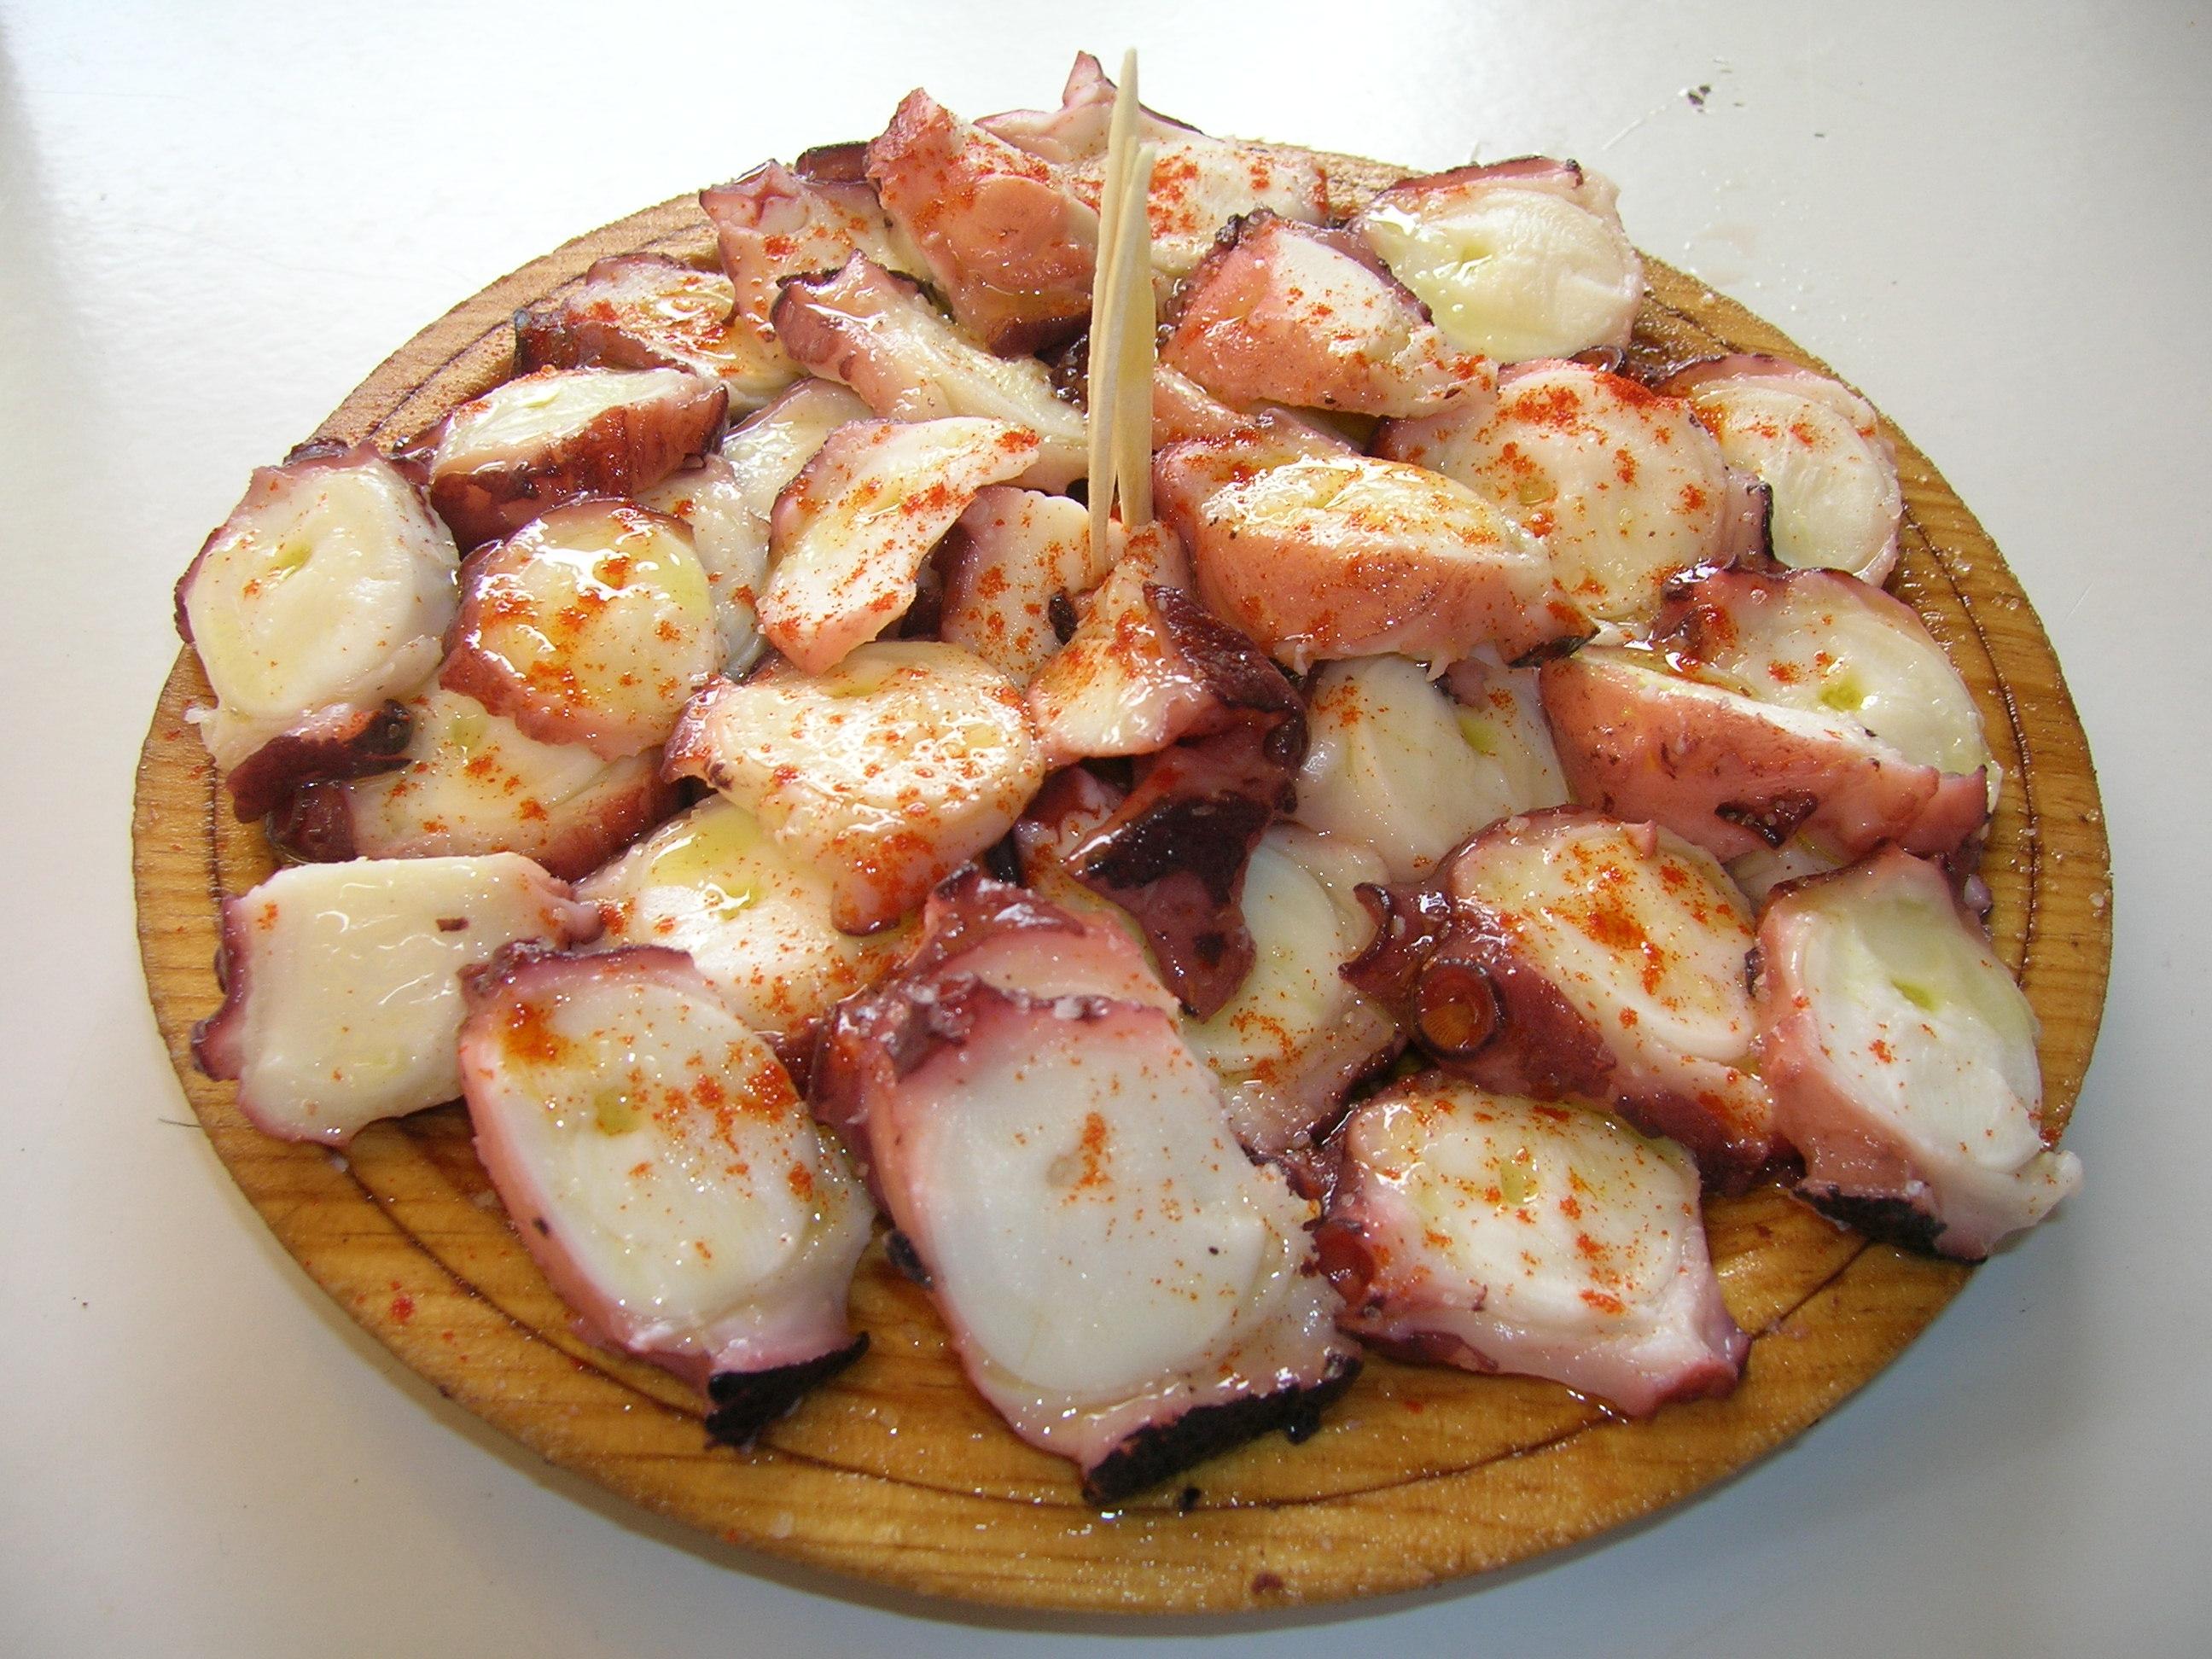 πως μαγειρεύεται το χταπόδι - χταπόδι Γαλικίας